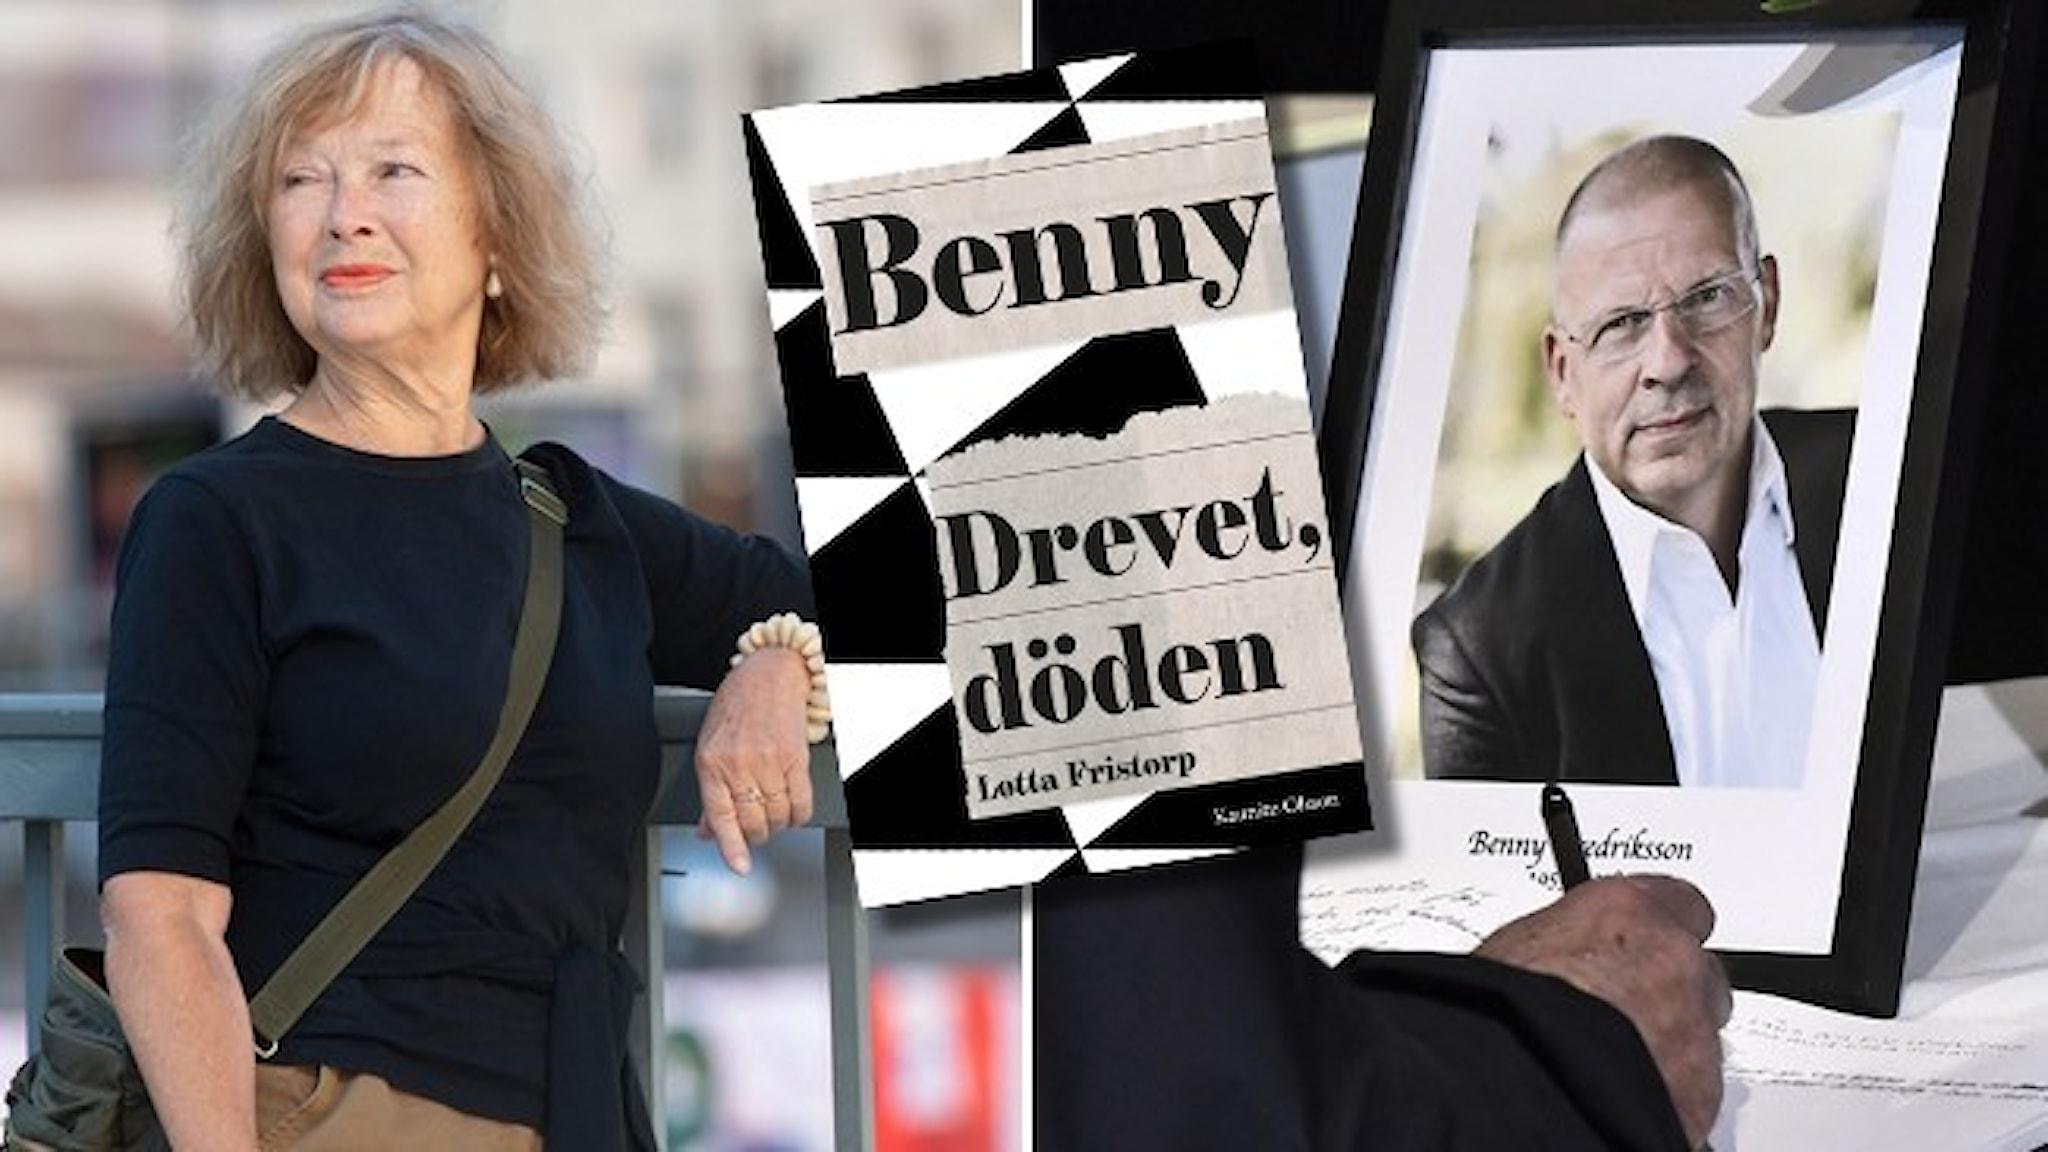 """Författaren Lotta Fristorp står lutade mot ett staket vid Sergels torg och en bild av ett porträtt av Benny Fredriksson. Infällt är omslaget till Fristorps bok """"Benny. Drevet, döden""""."""